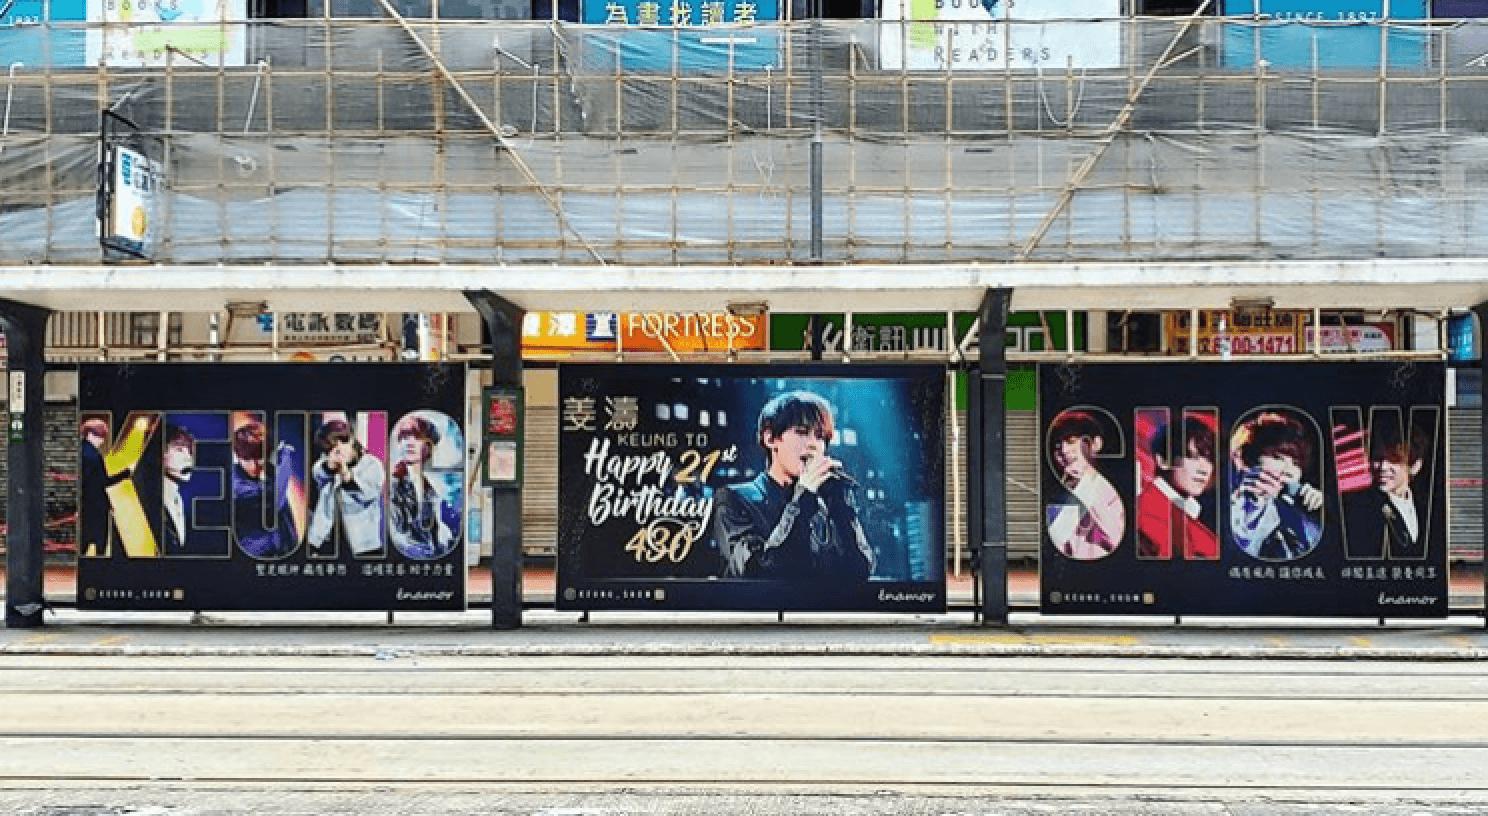 電車站廣告板